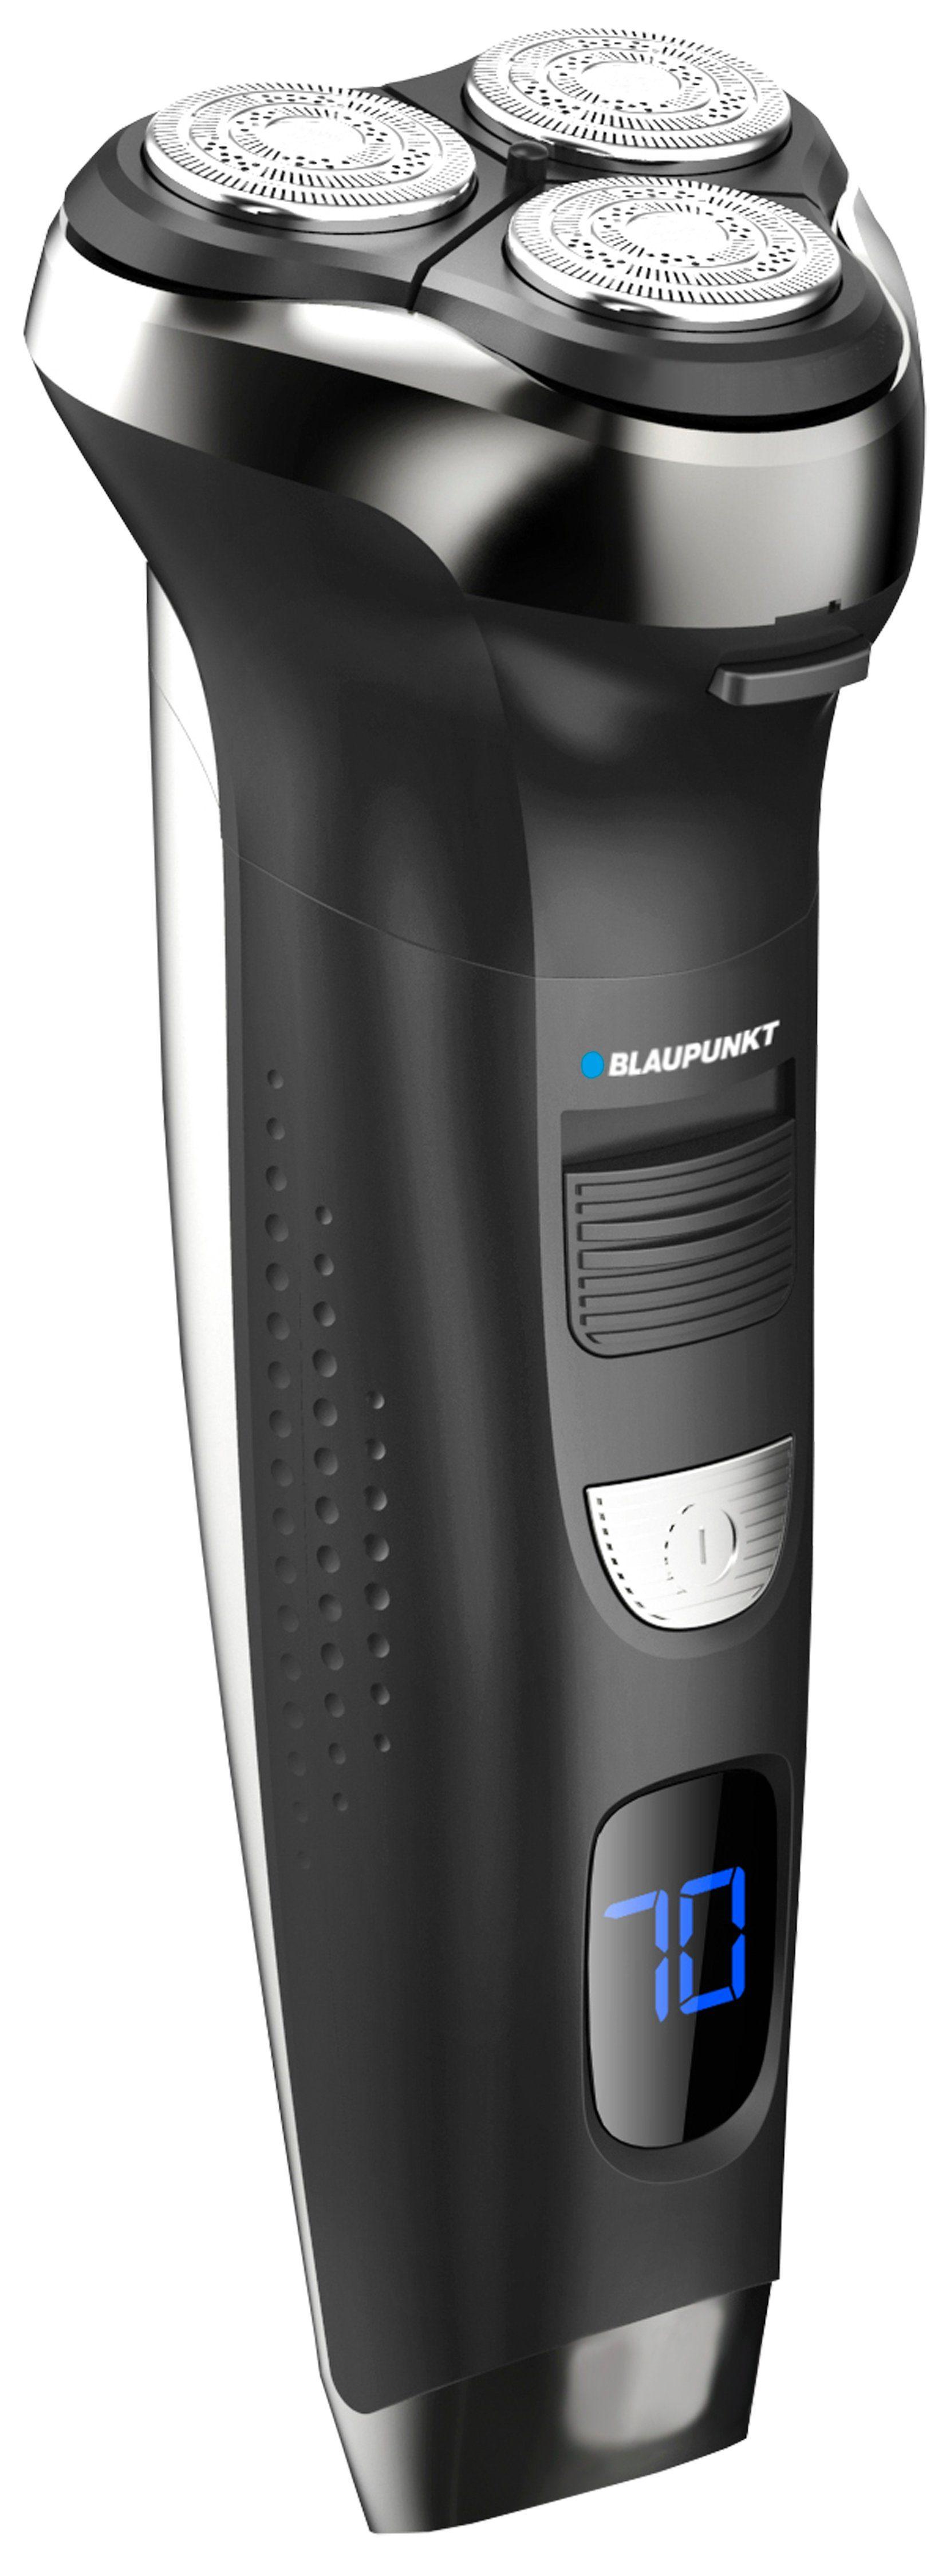 Blaupunkt Rotationsrasierer, Trimmer, Haarschneider mit LED-Display »MSR801«